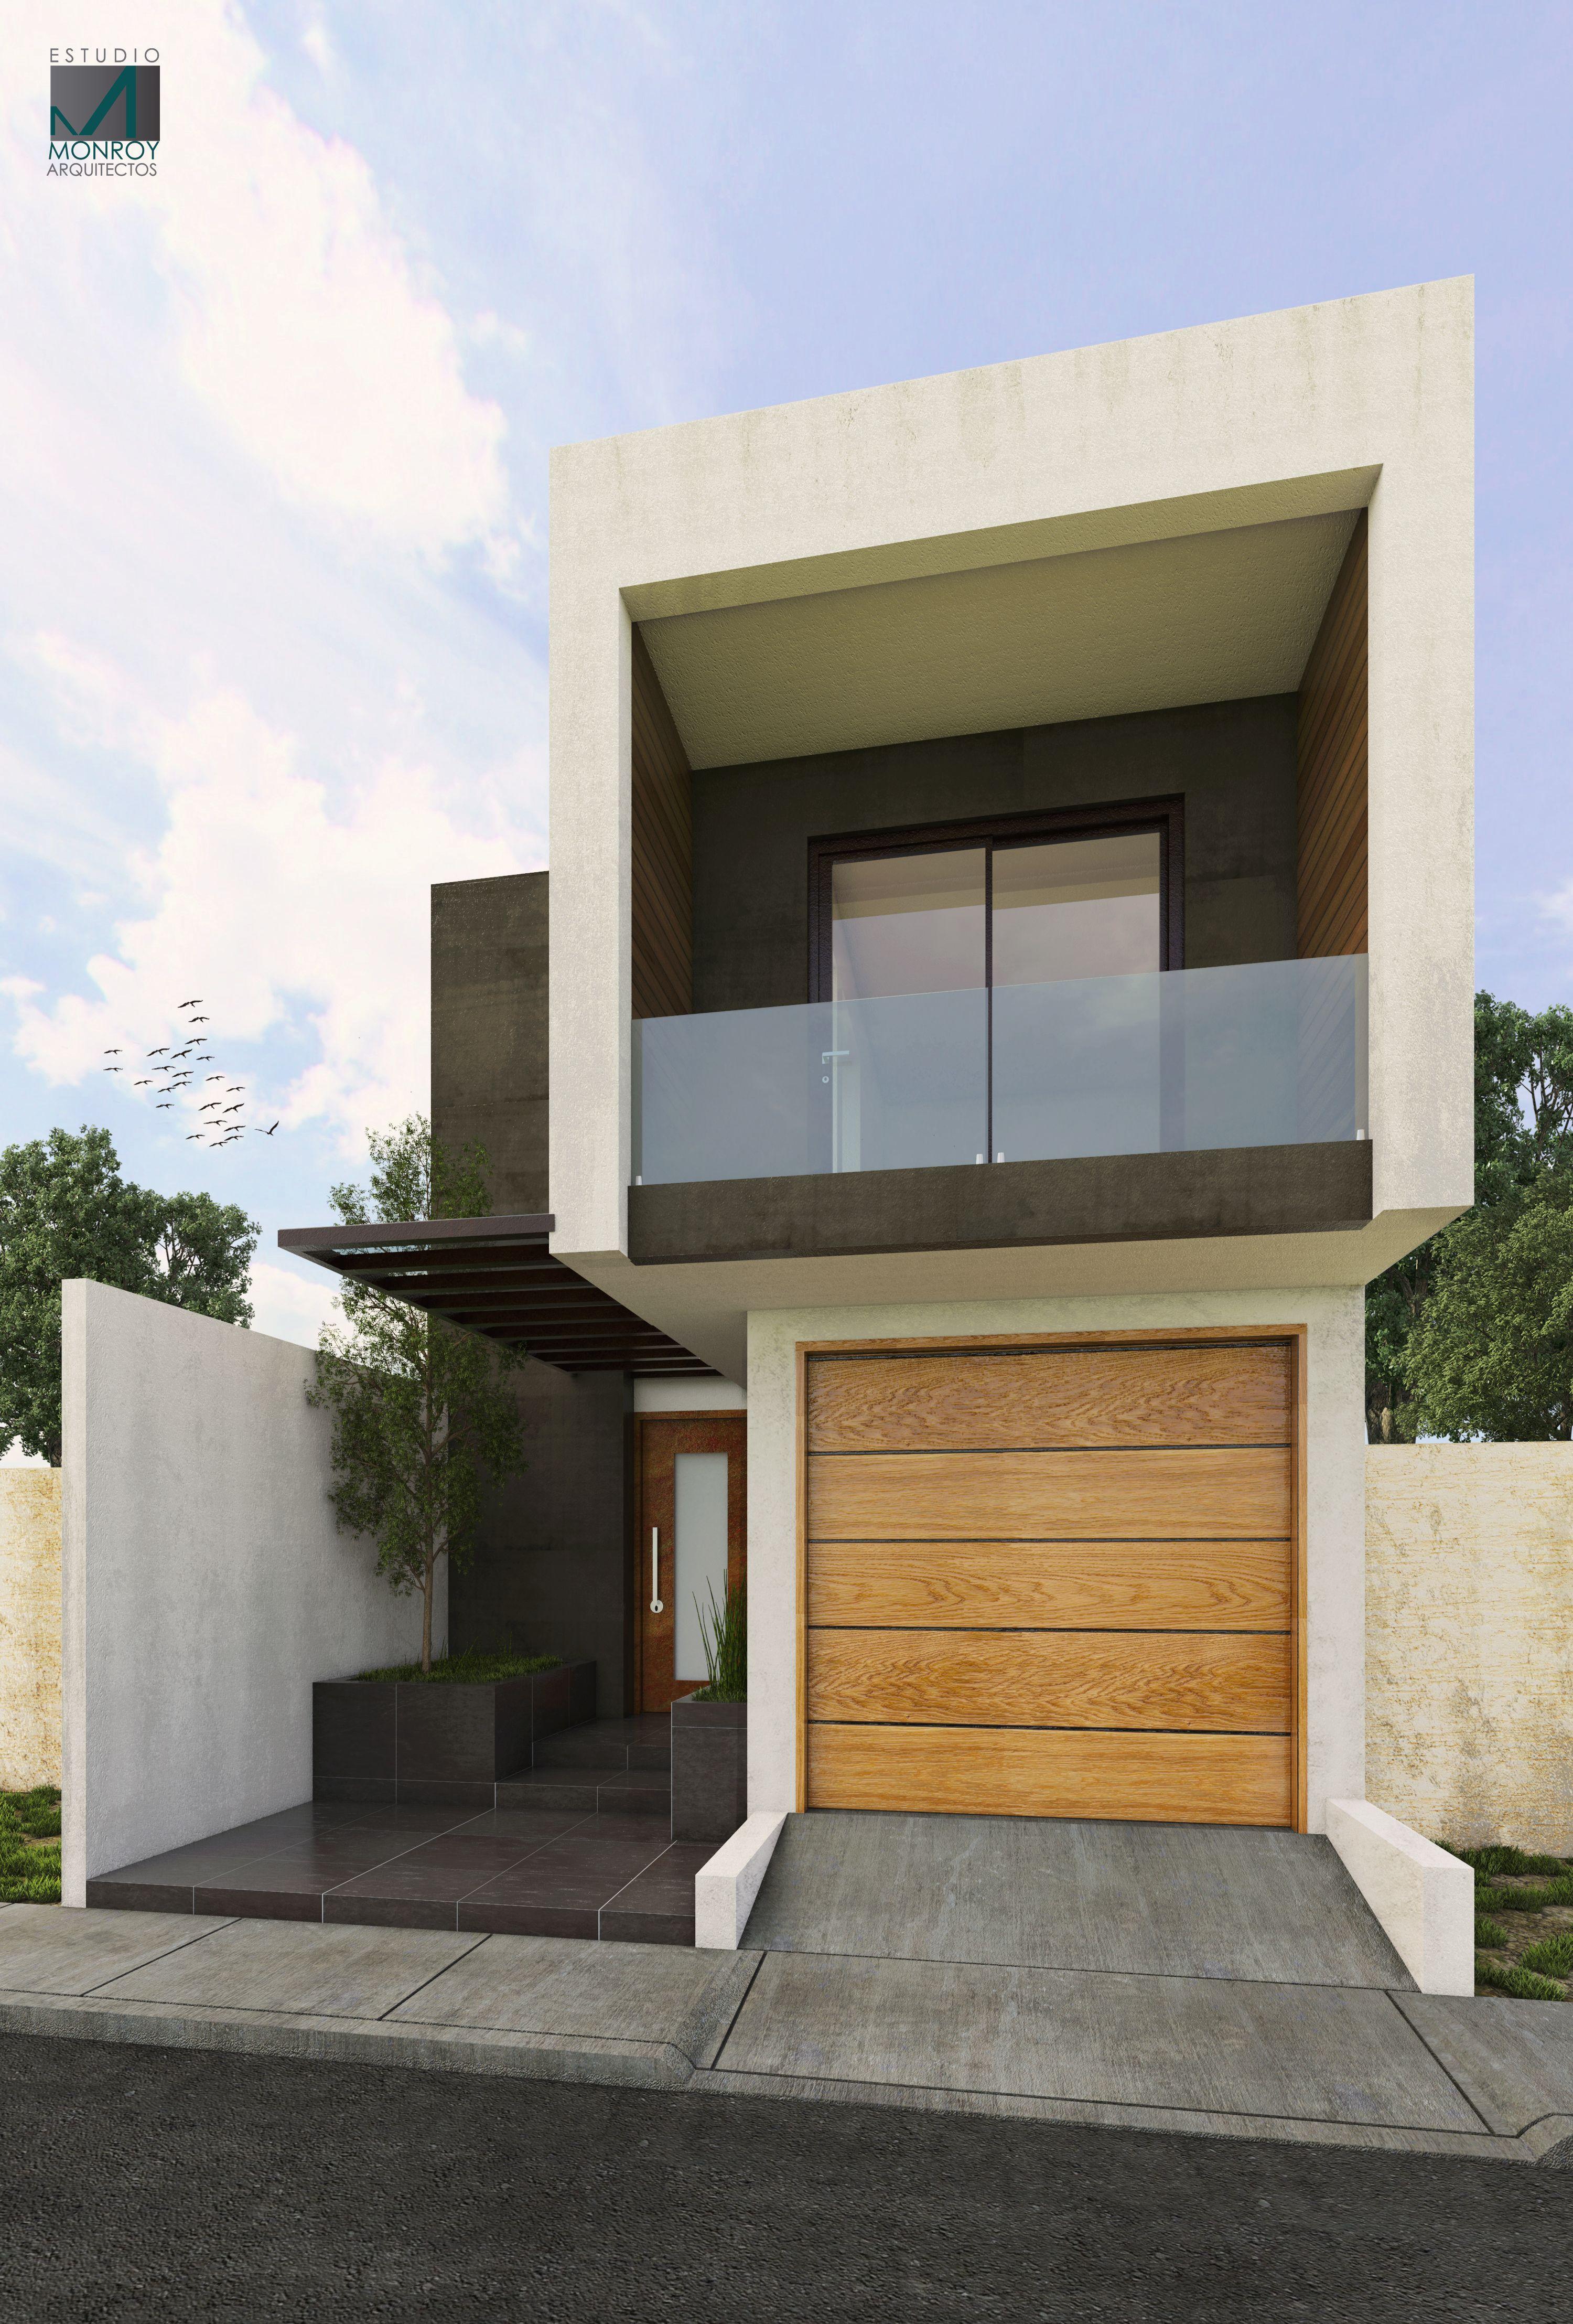 Remodelaci n fachada contempor nea 2 arquitecturamoderna for Fachadas de casas pequenas de 2 pisos